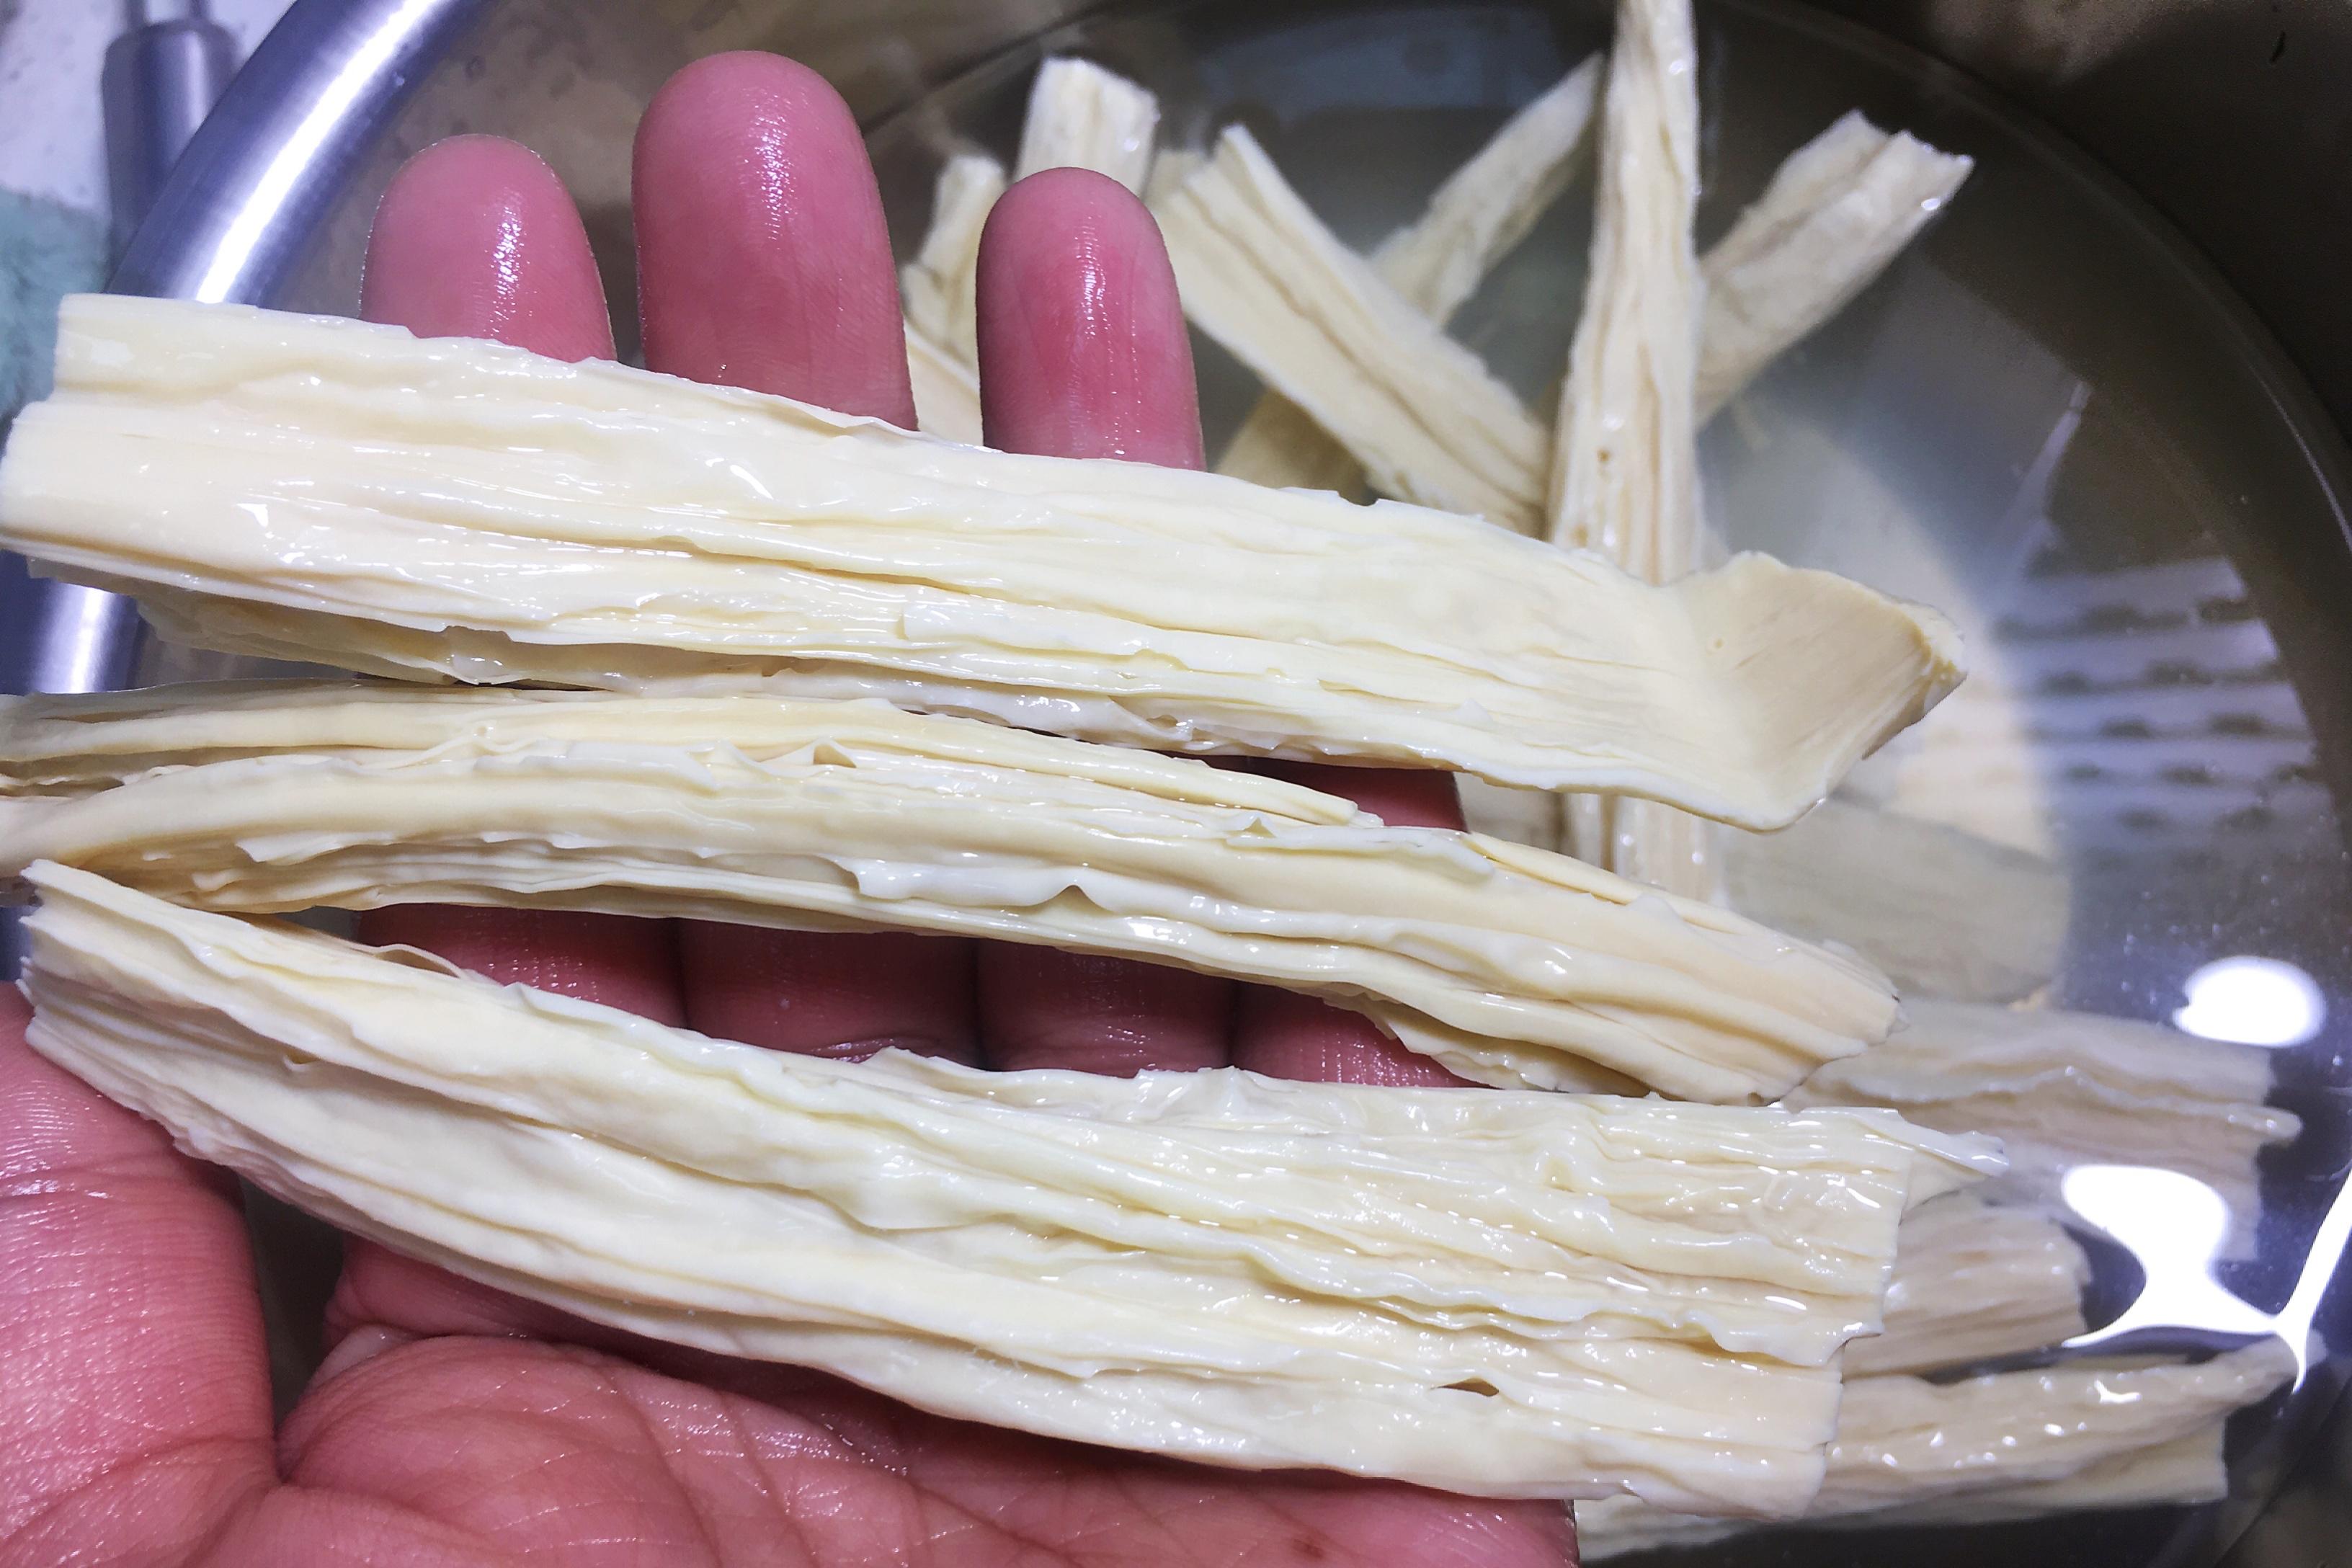 泡腐竹,是用涼水還是熱水? 學會這個竅門,泡得又快又韌還沒硬芯